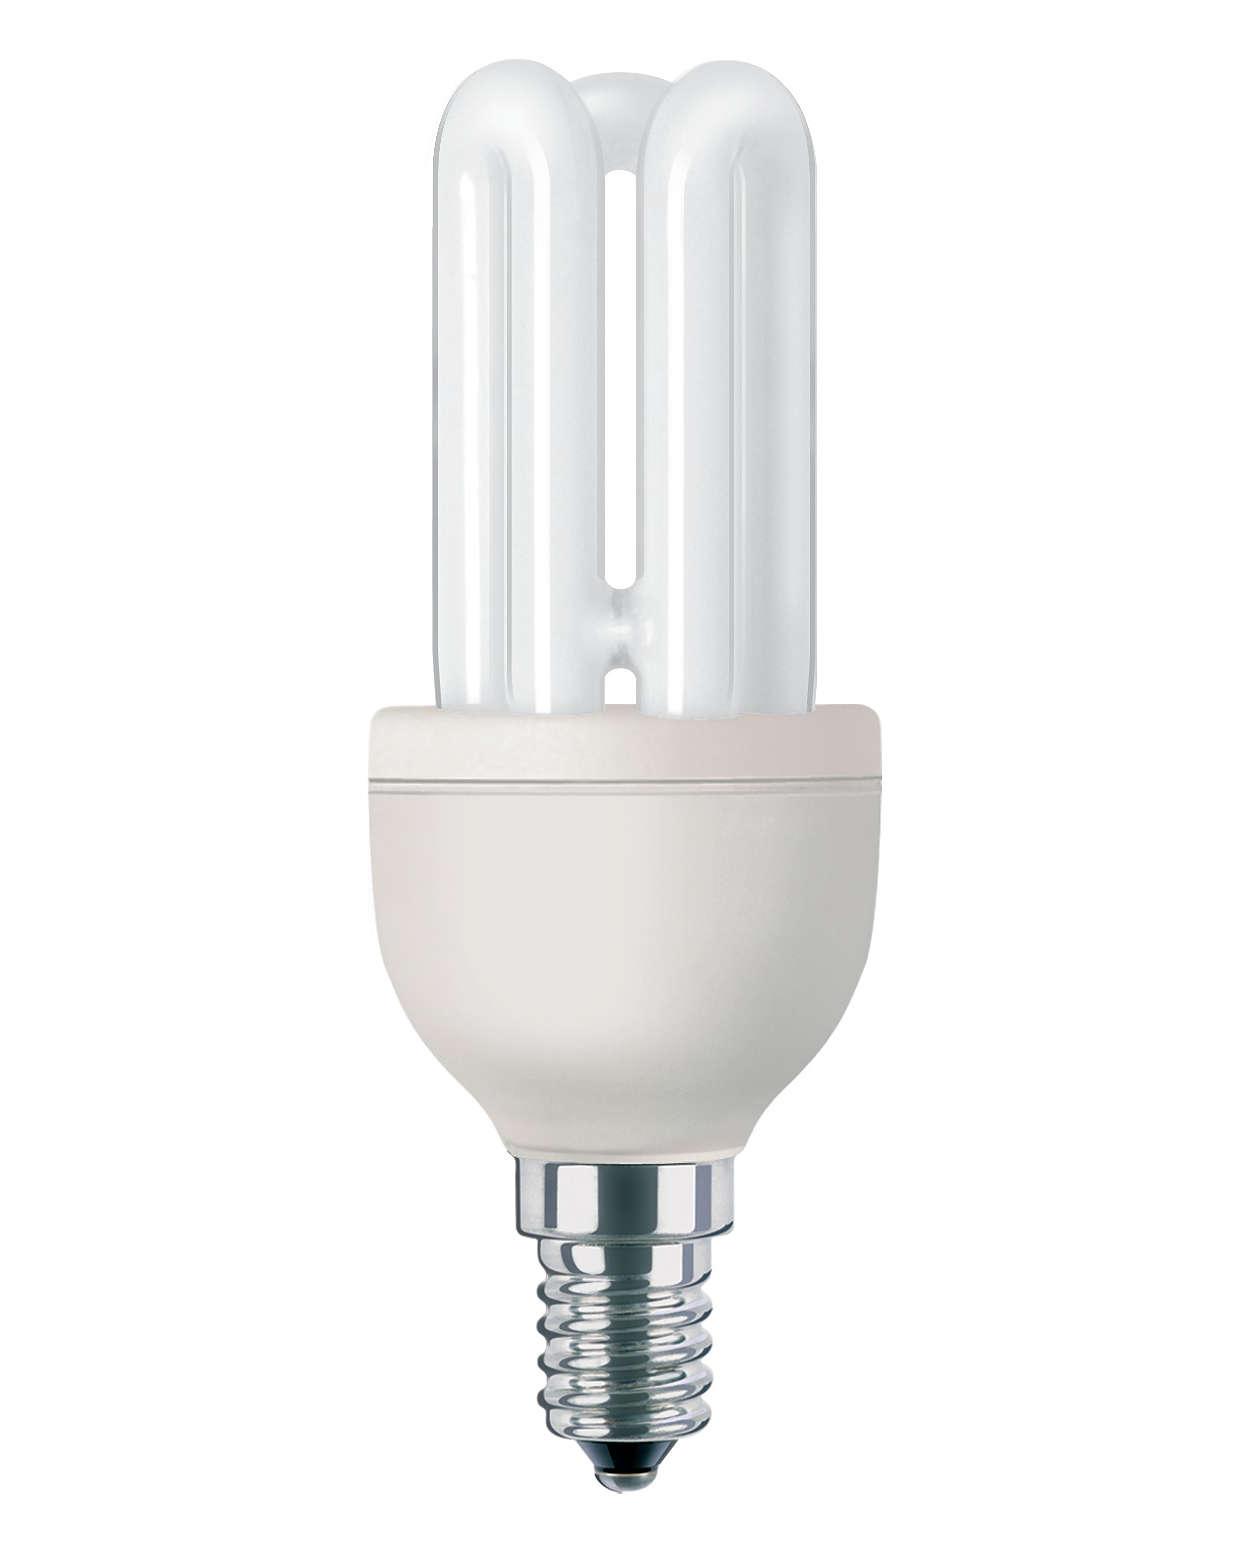 Compacte spaarlamp die door professionals wordt gebruikt